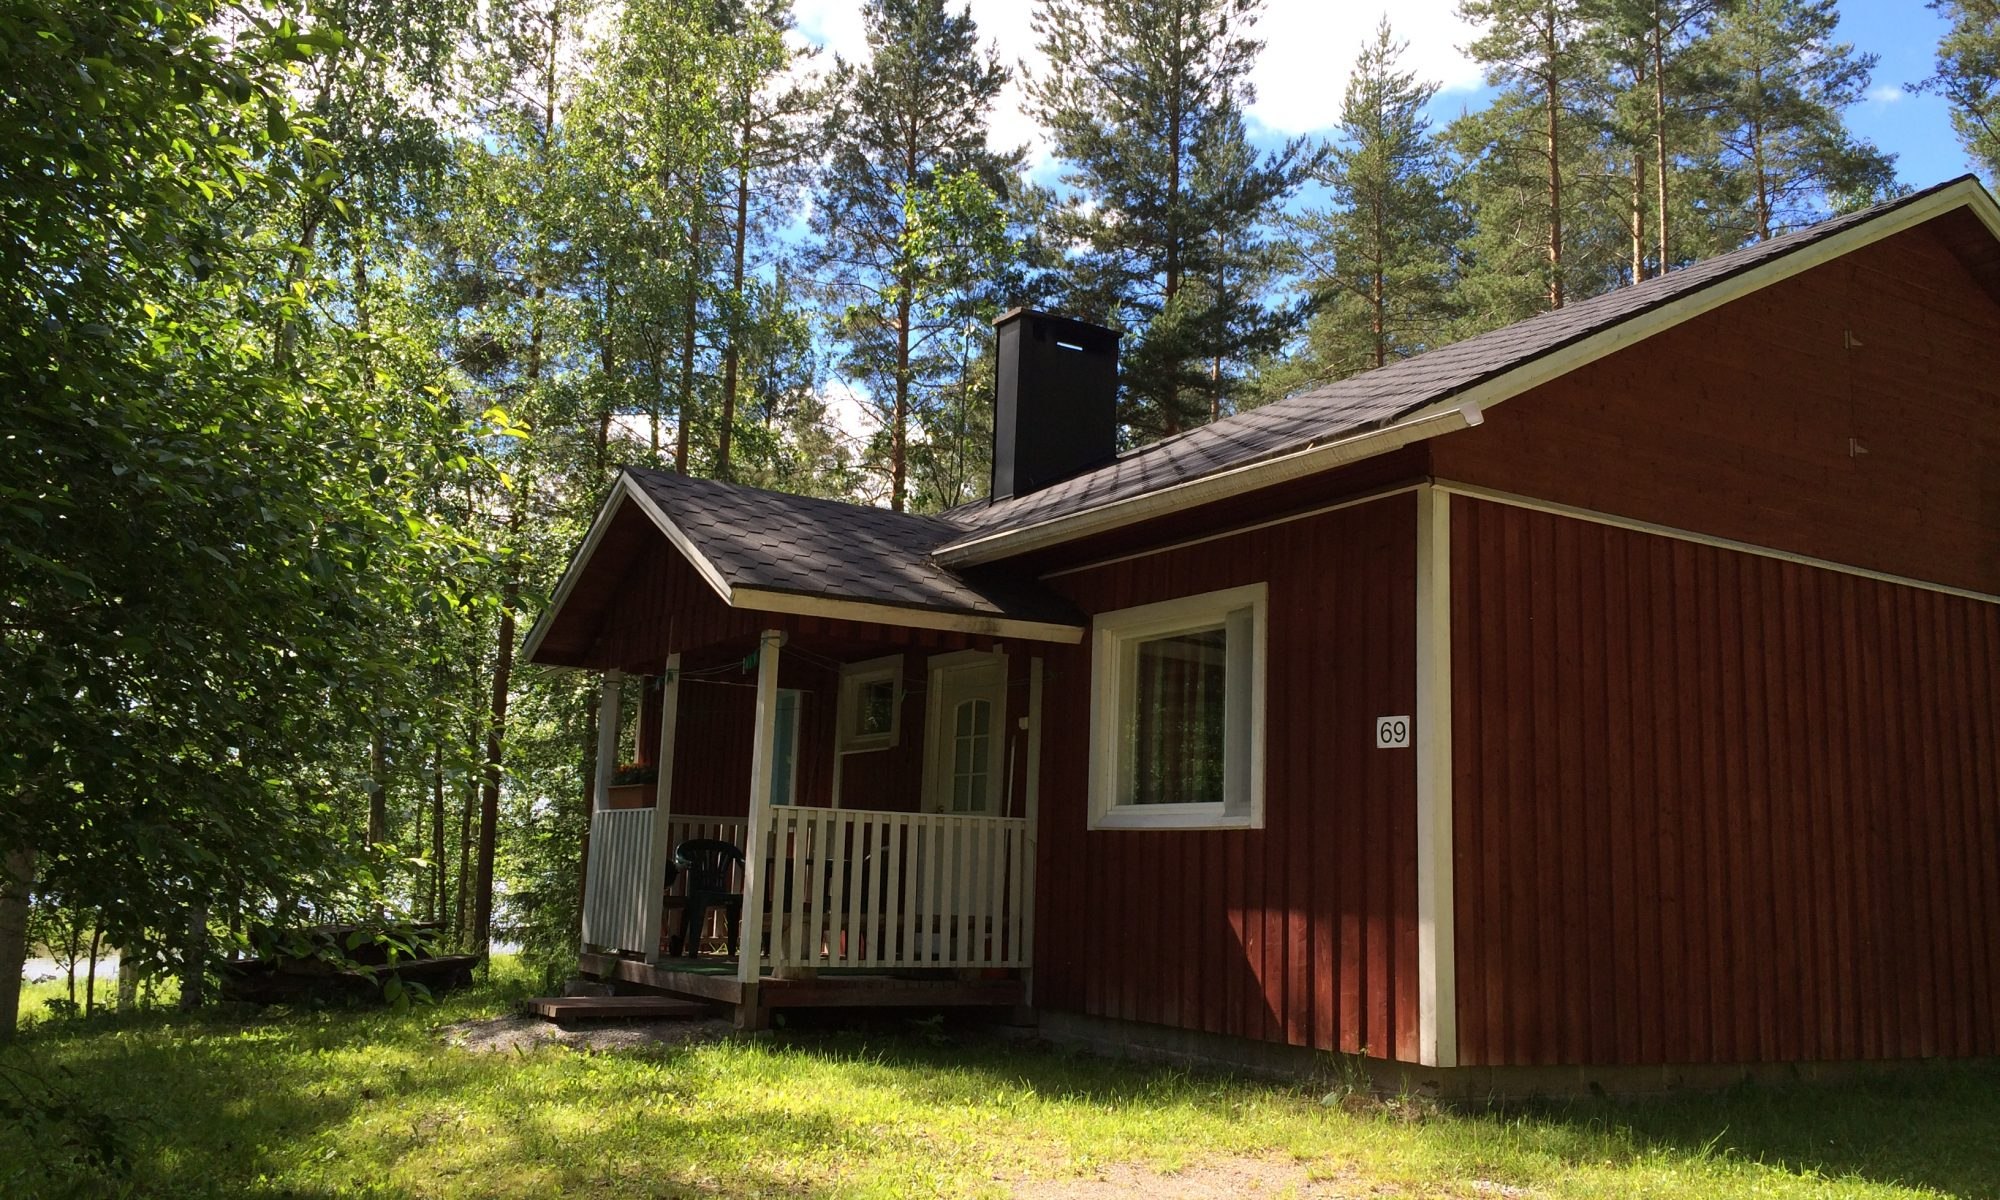 Aholanraitti Mustikkamäki Vuokramökki